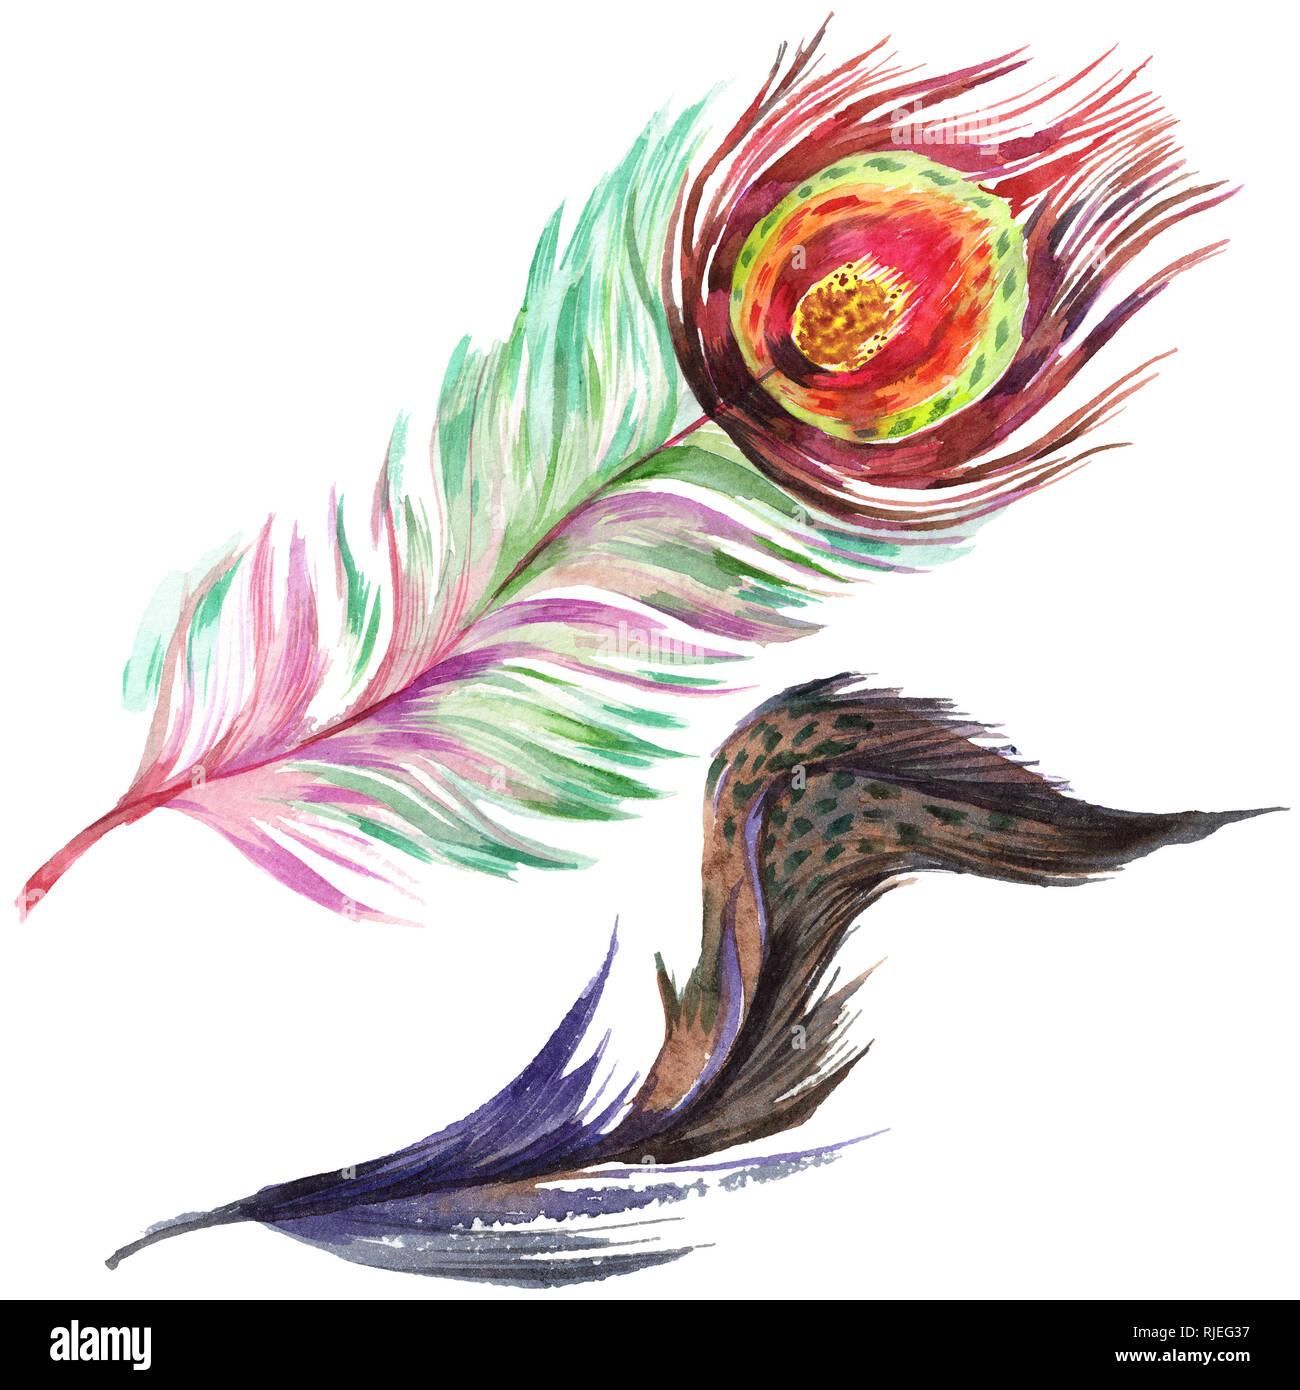 De plumes d'oiseaux colorés isolé de l'aile. Plume aquarelle pour le fond. Illustration à l'aquarelle. Aquarelle Dessin aquarelle mode isoler Banque D'Images